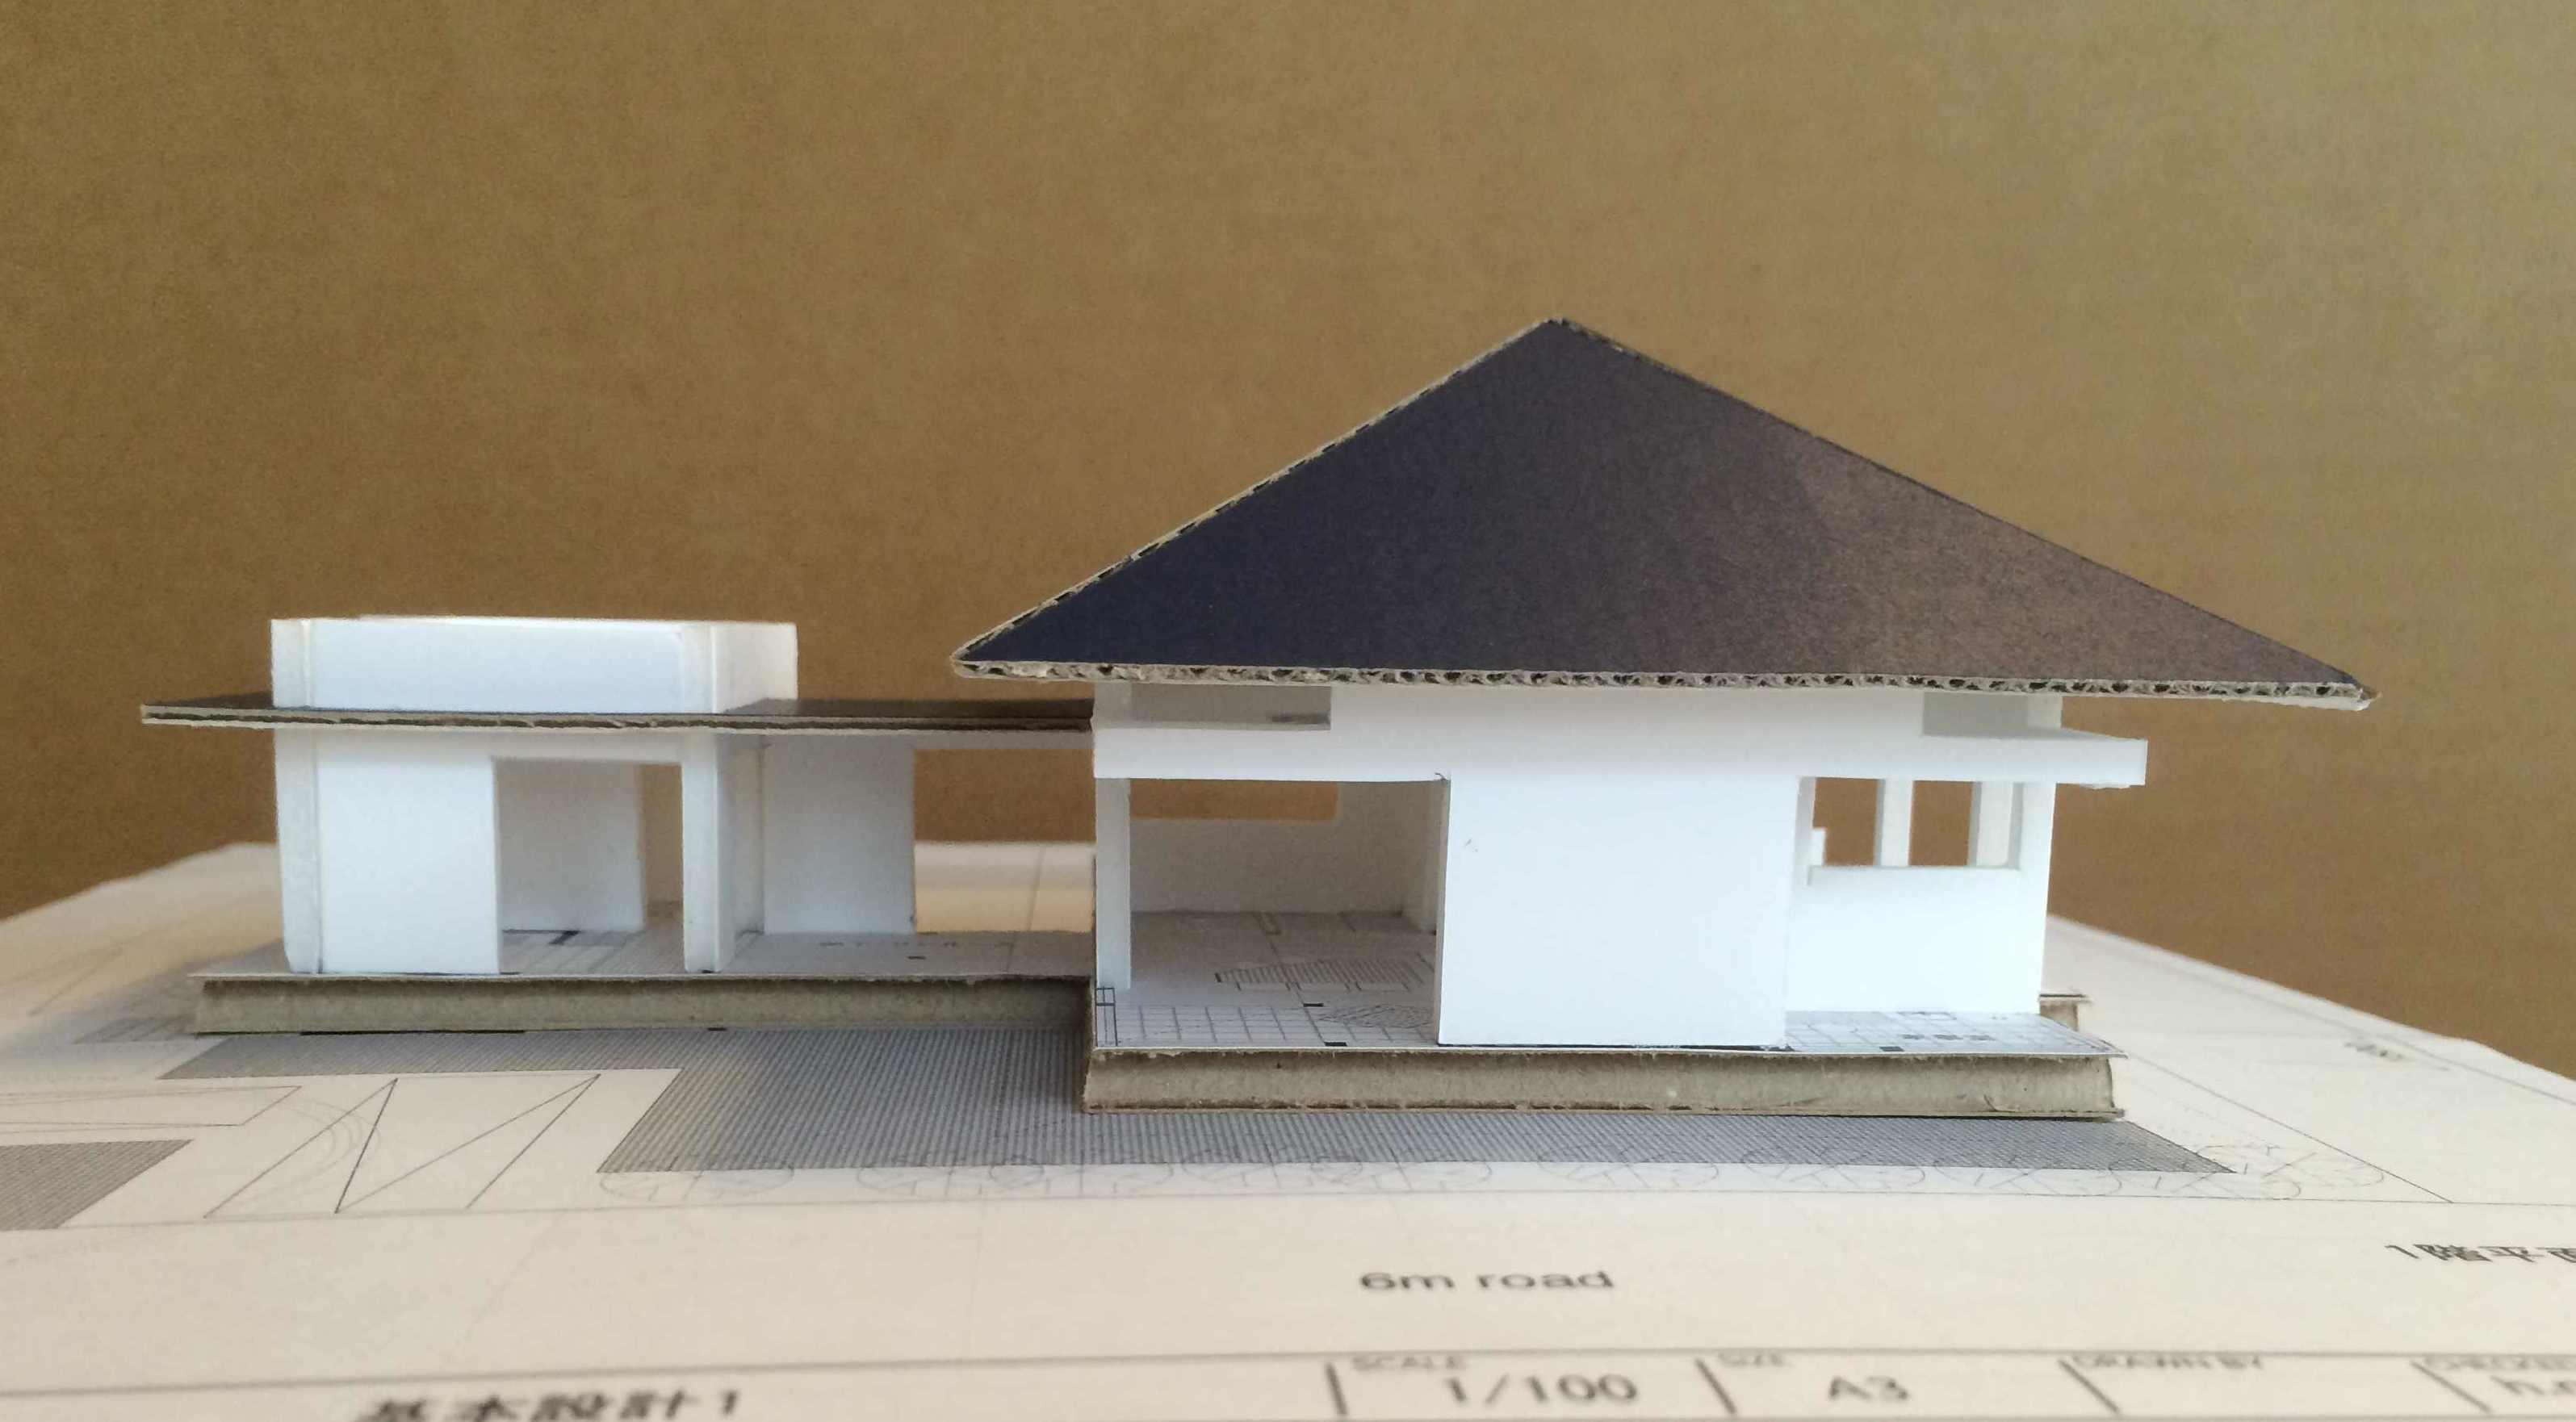 千葉県君津市で「そらどまの家」を取組み始めました。_d0027290_856739.jpg